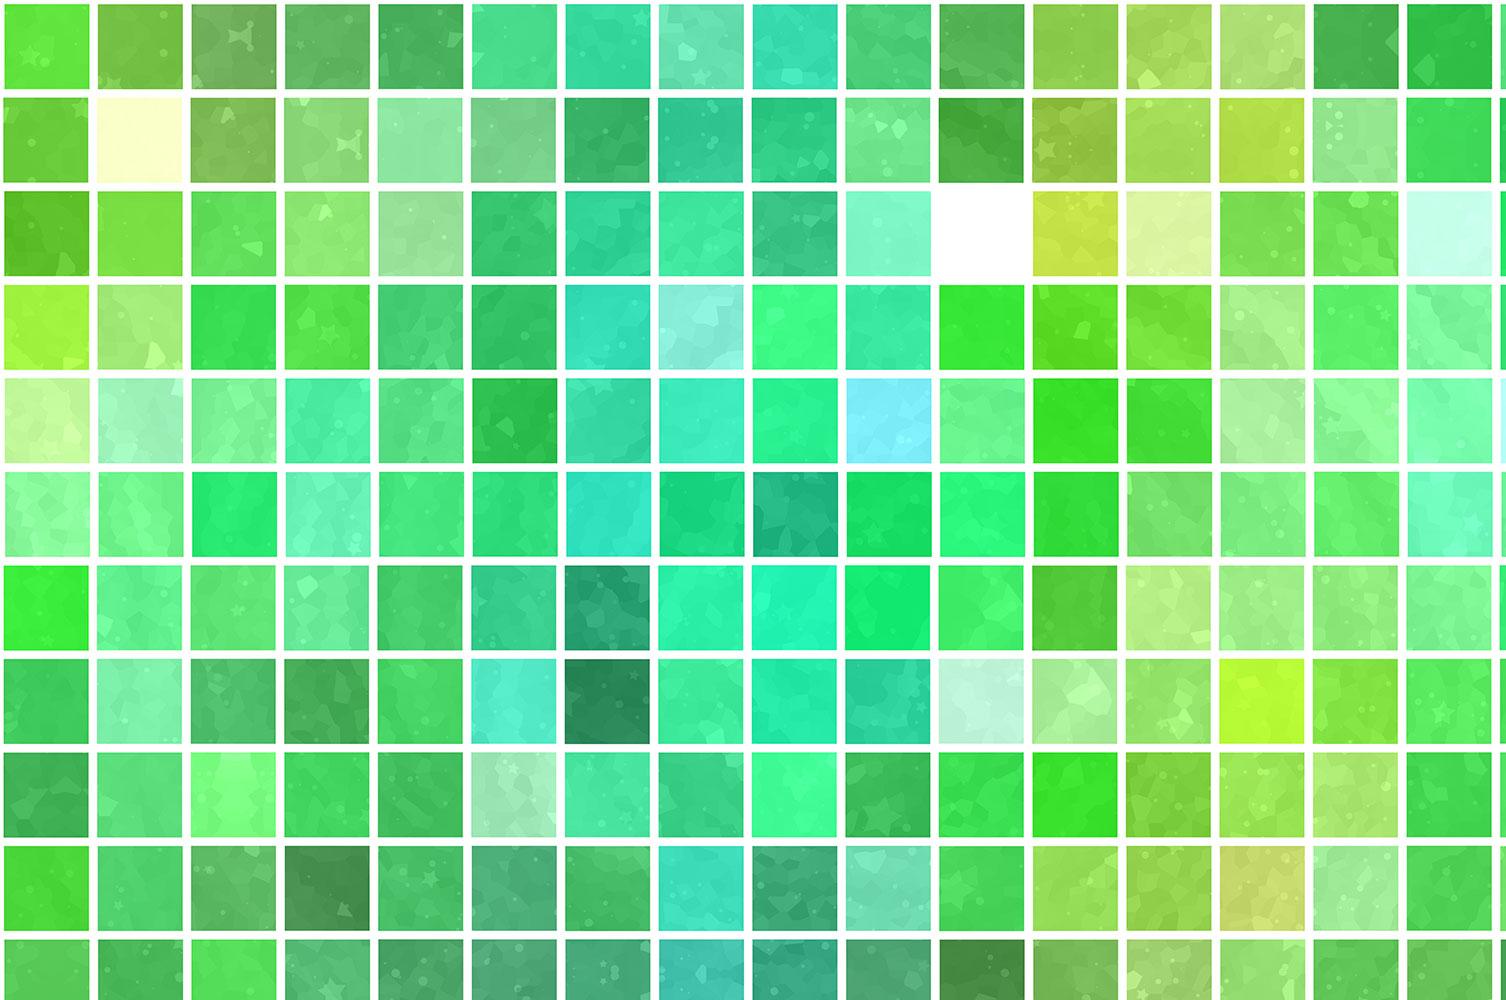 Màu xanh lá trong lịch sử thời trang, nghệ thuật và tâm lý học 4